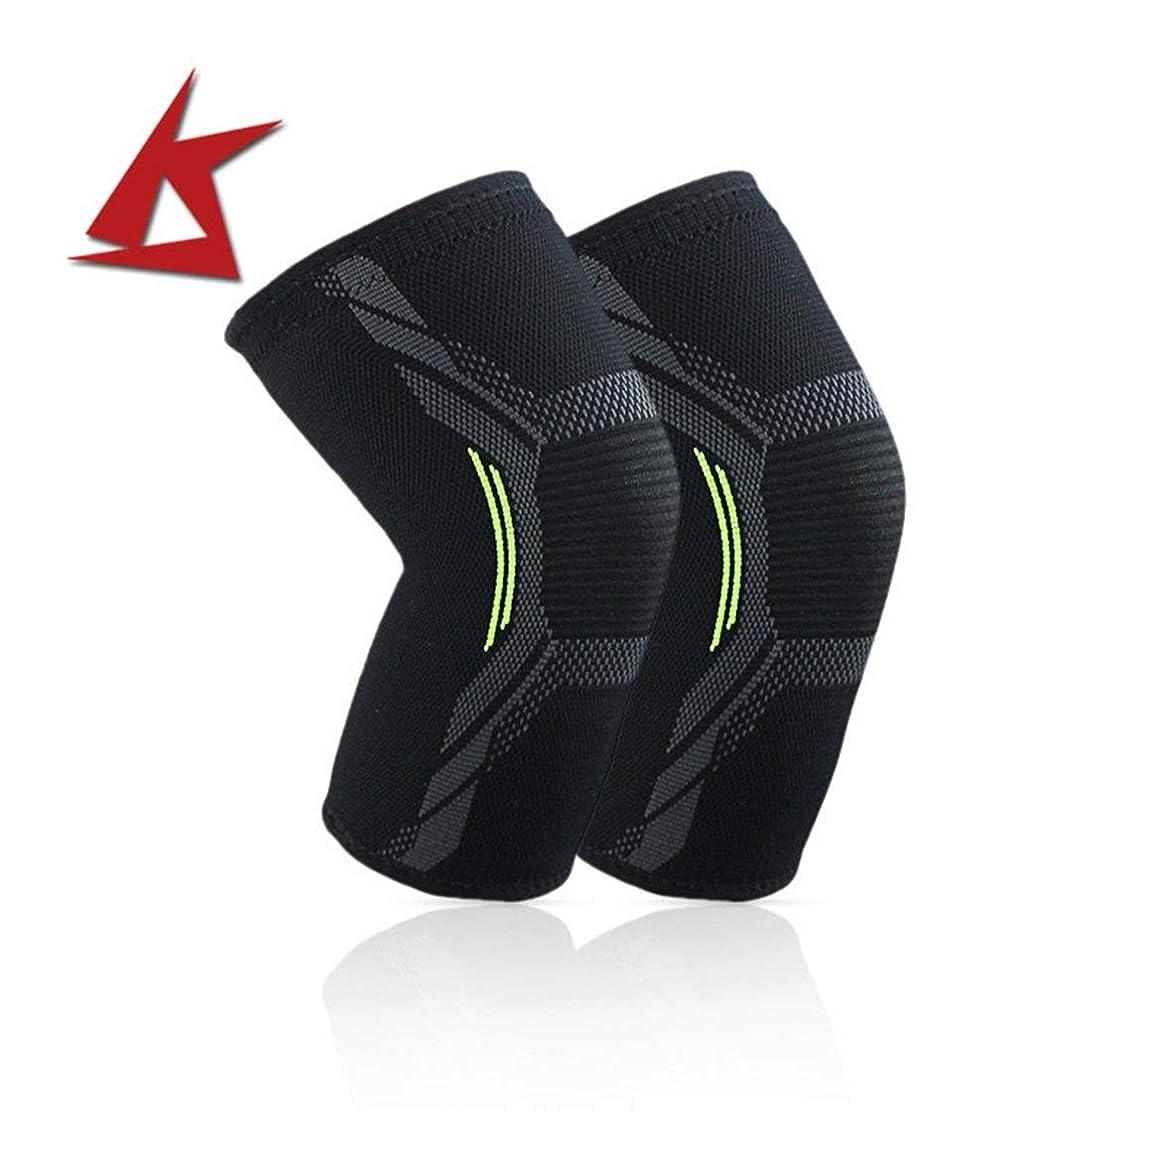 二メトロポリタン第四ニット膝パッド耐久性のあるナイロン膝ブレーススポーツ保護パッド超薄型膝サポート安全膝パッド - ブラックL